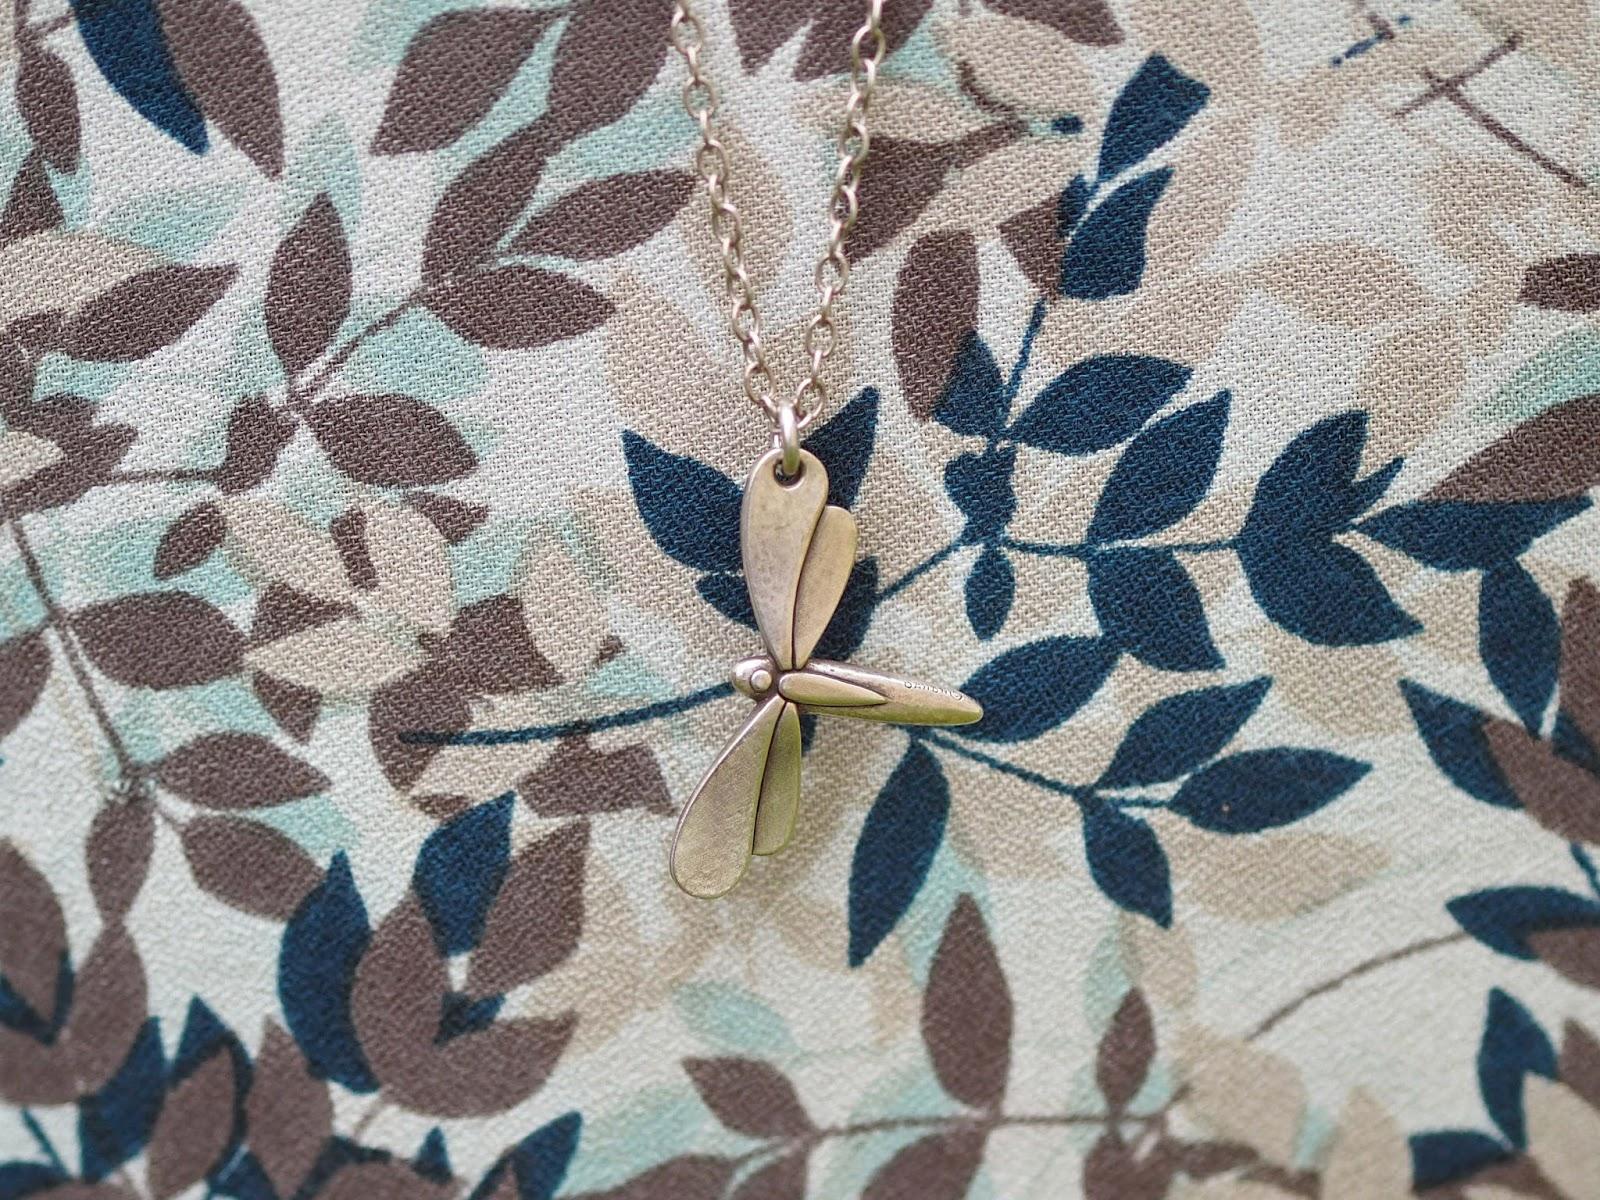 Long dragonfly pendant from www.lizzyo.co.uk